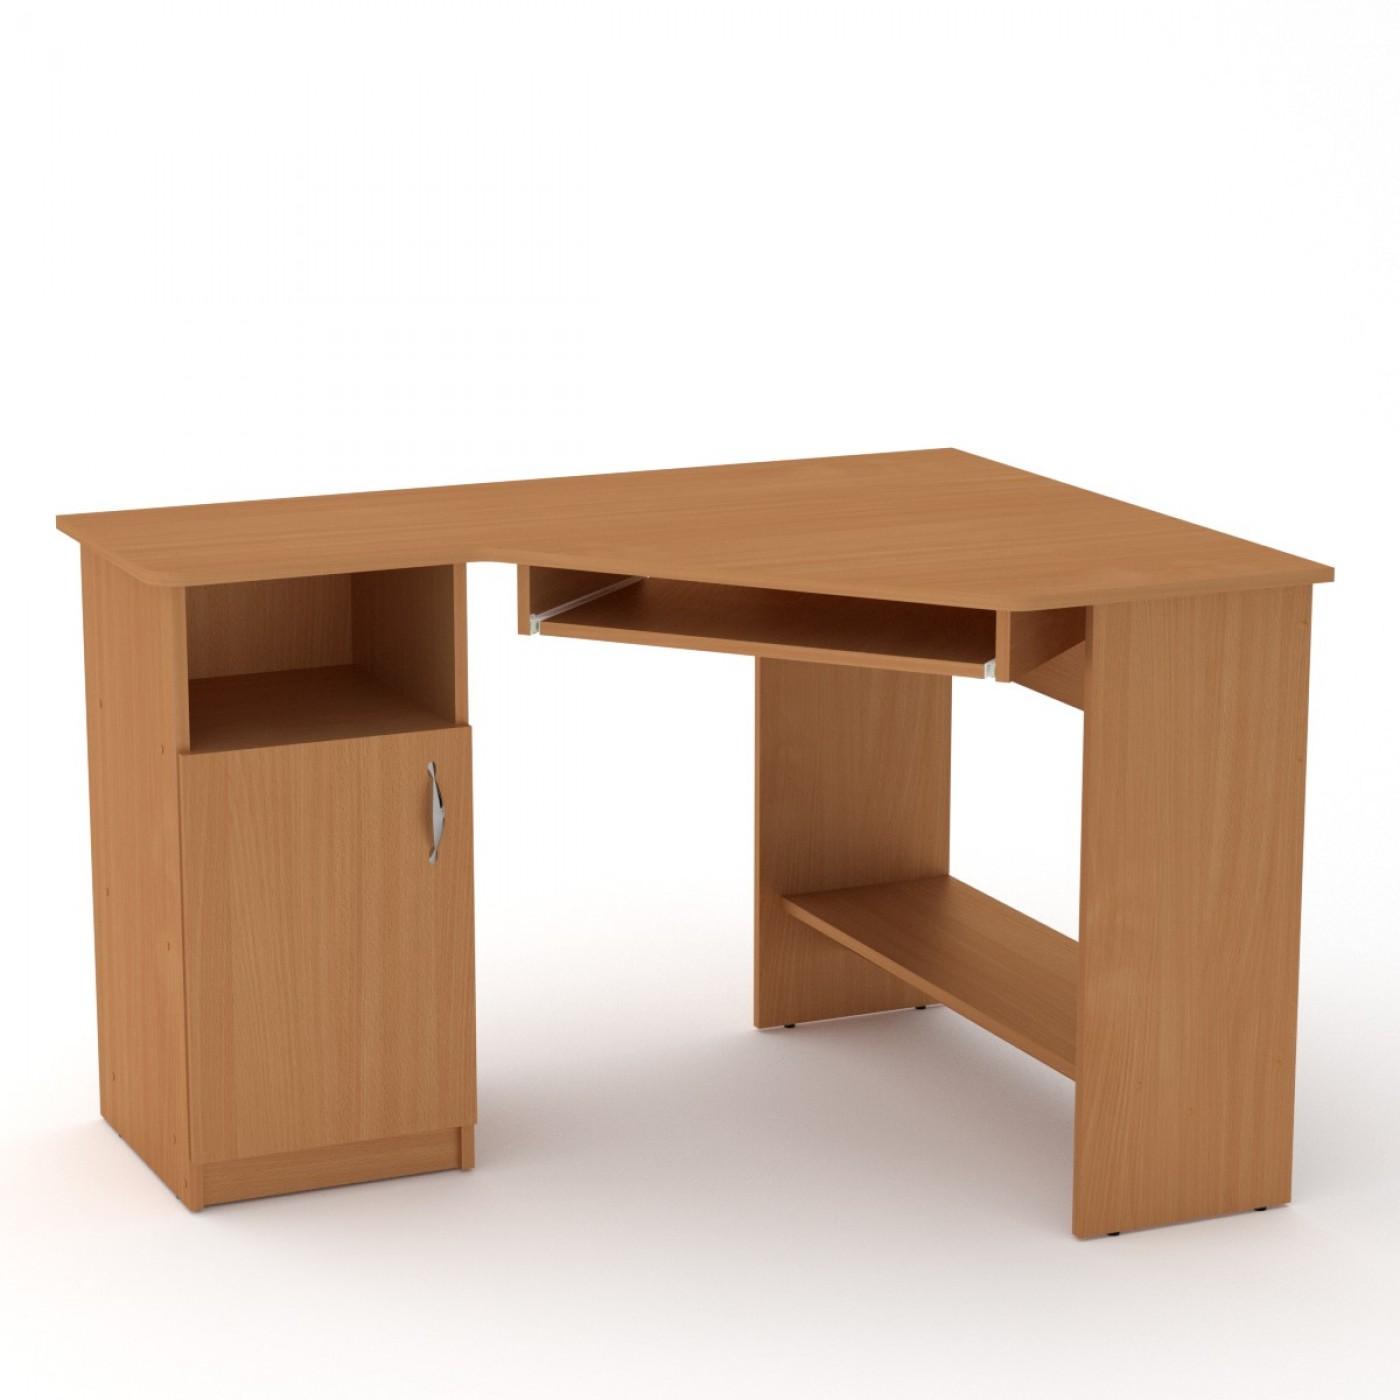 СУ-14 стол угловой компьютерный